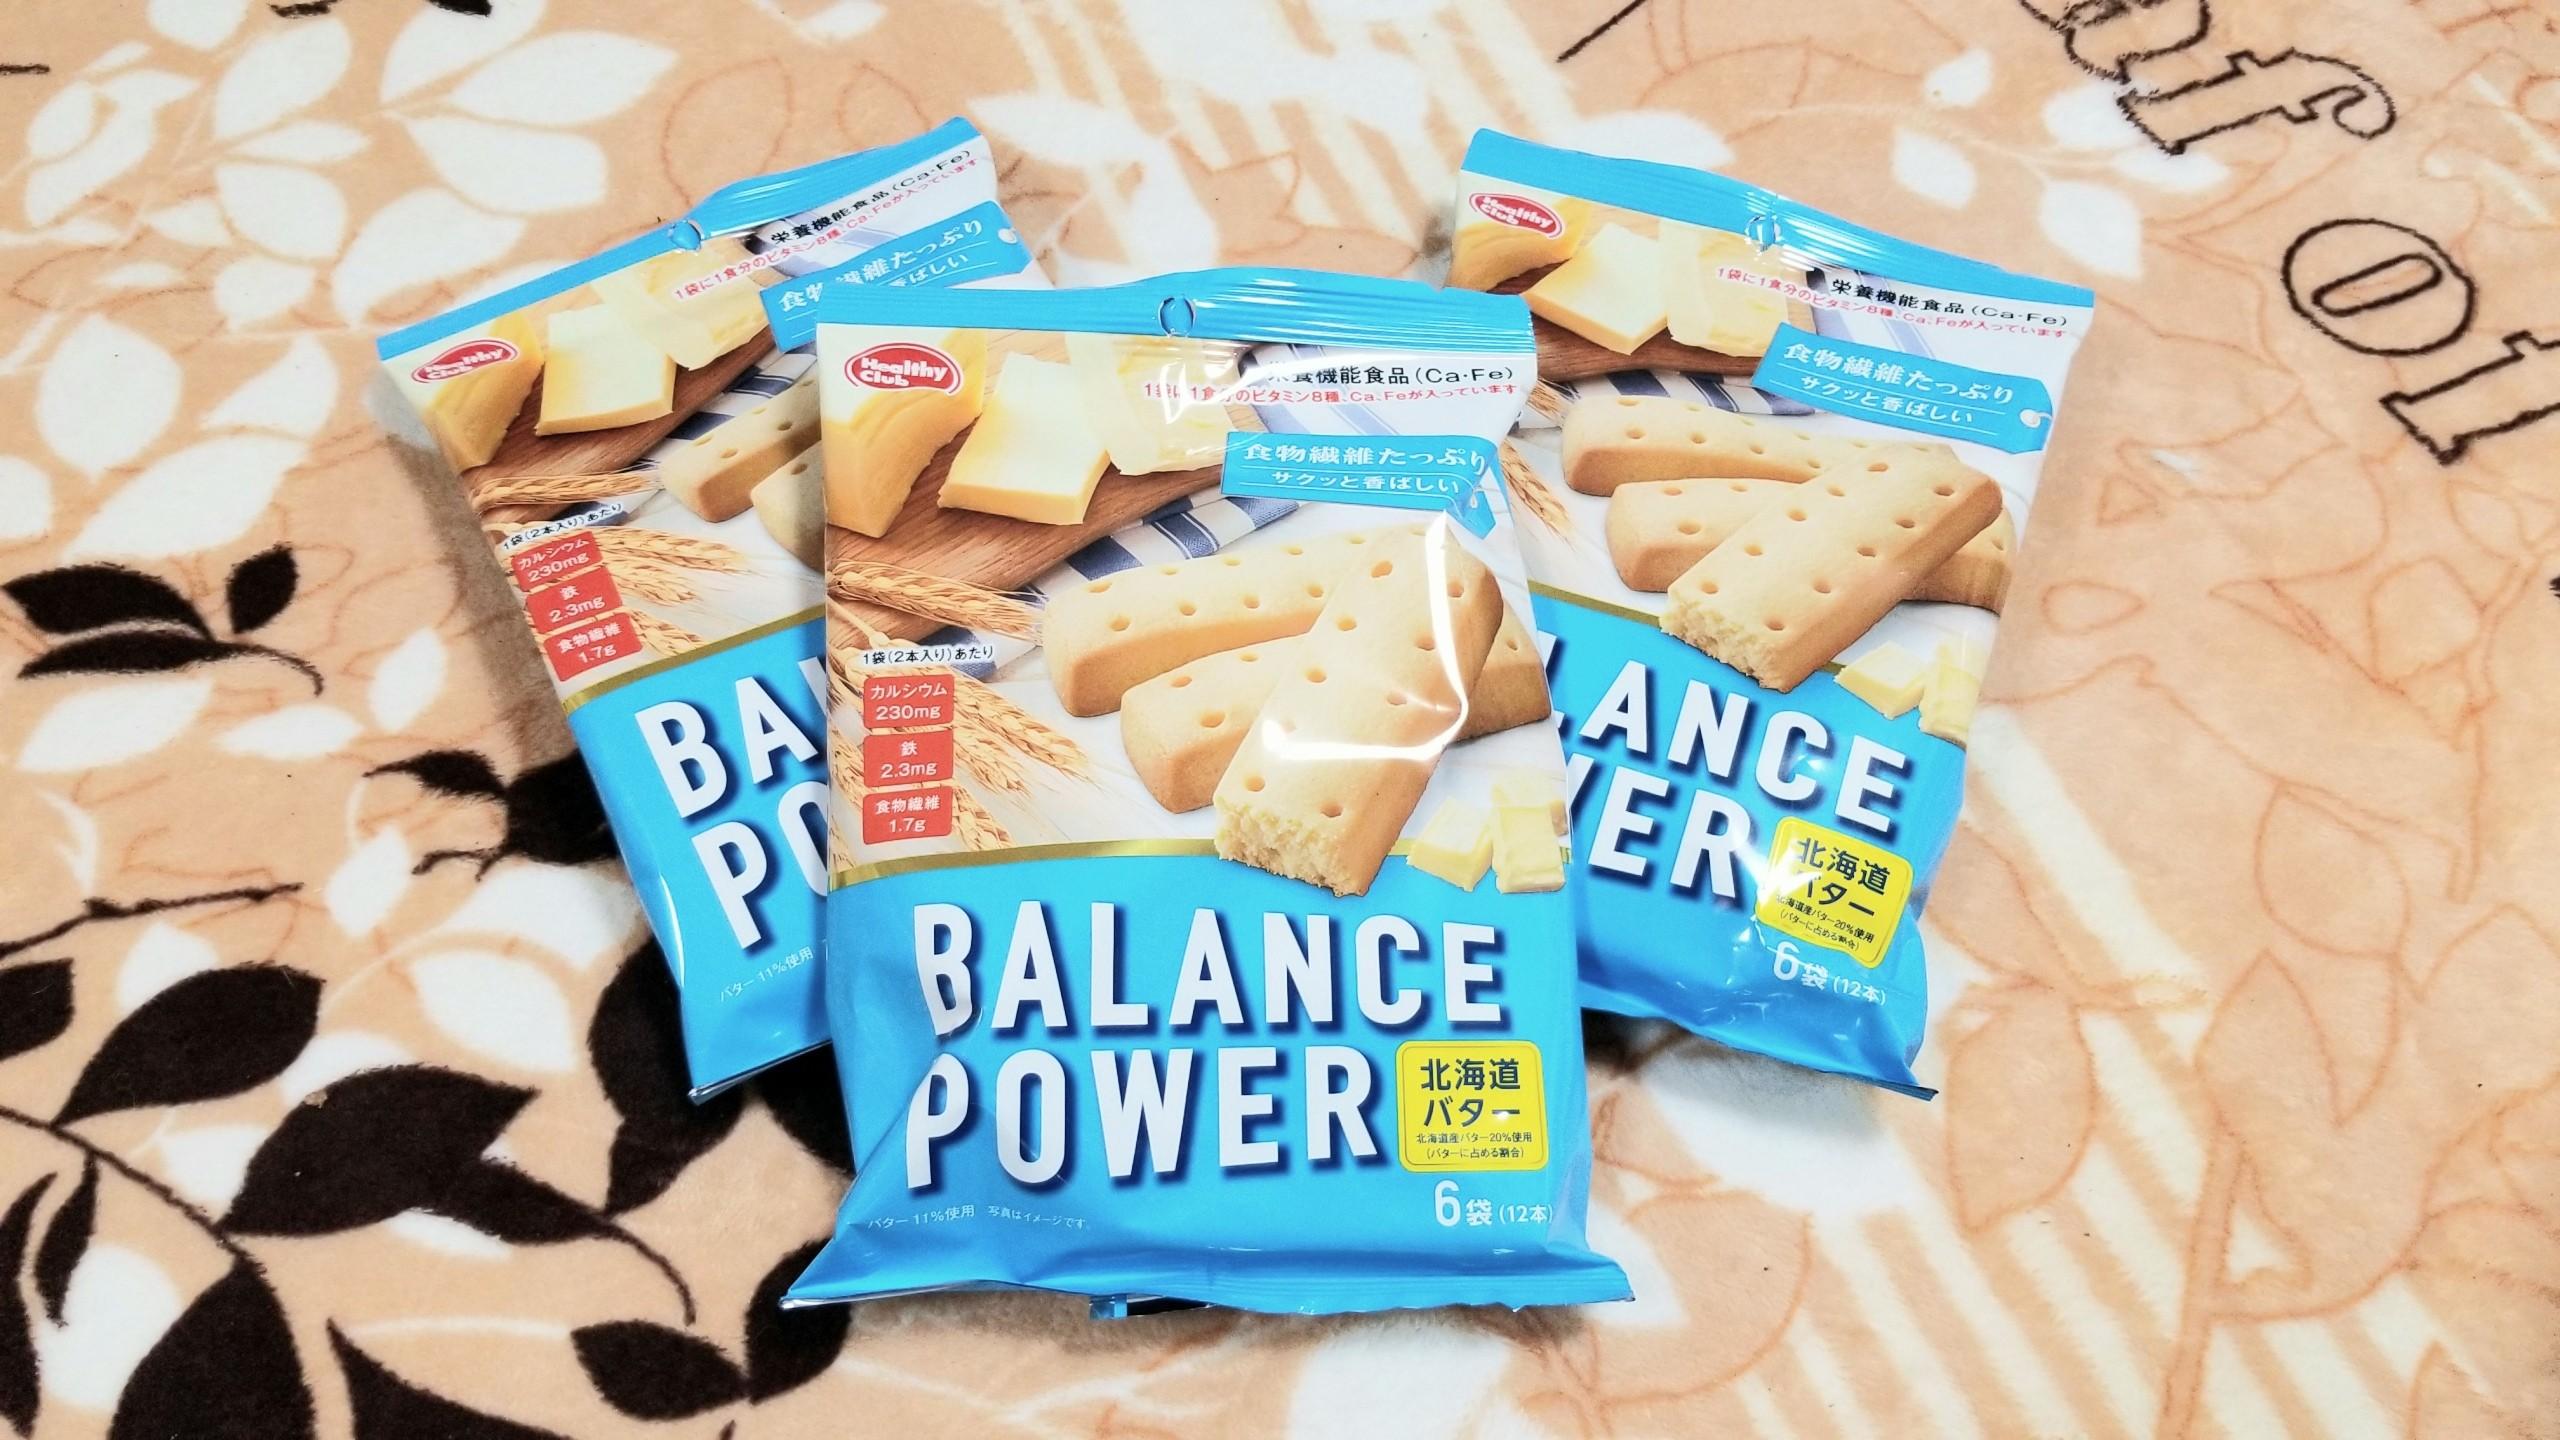 おすすめお菓子止められないバランスパワー栄養機能食品北海道バター